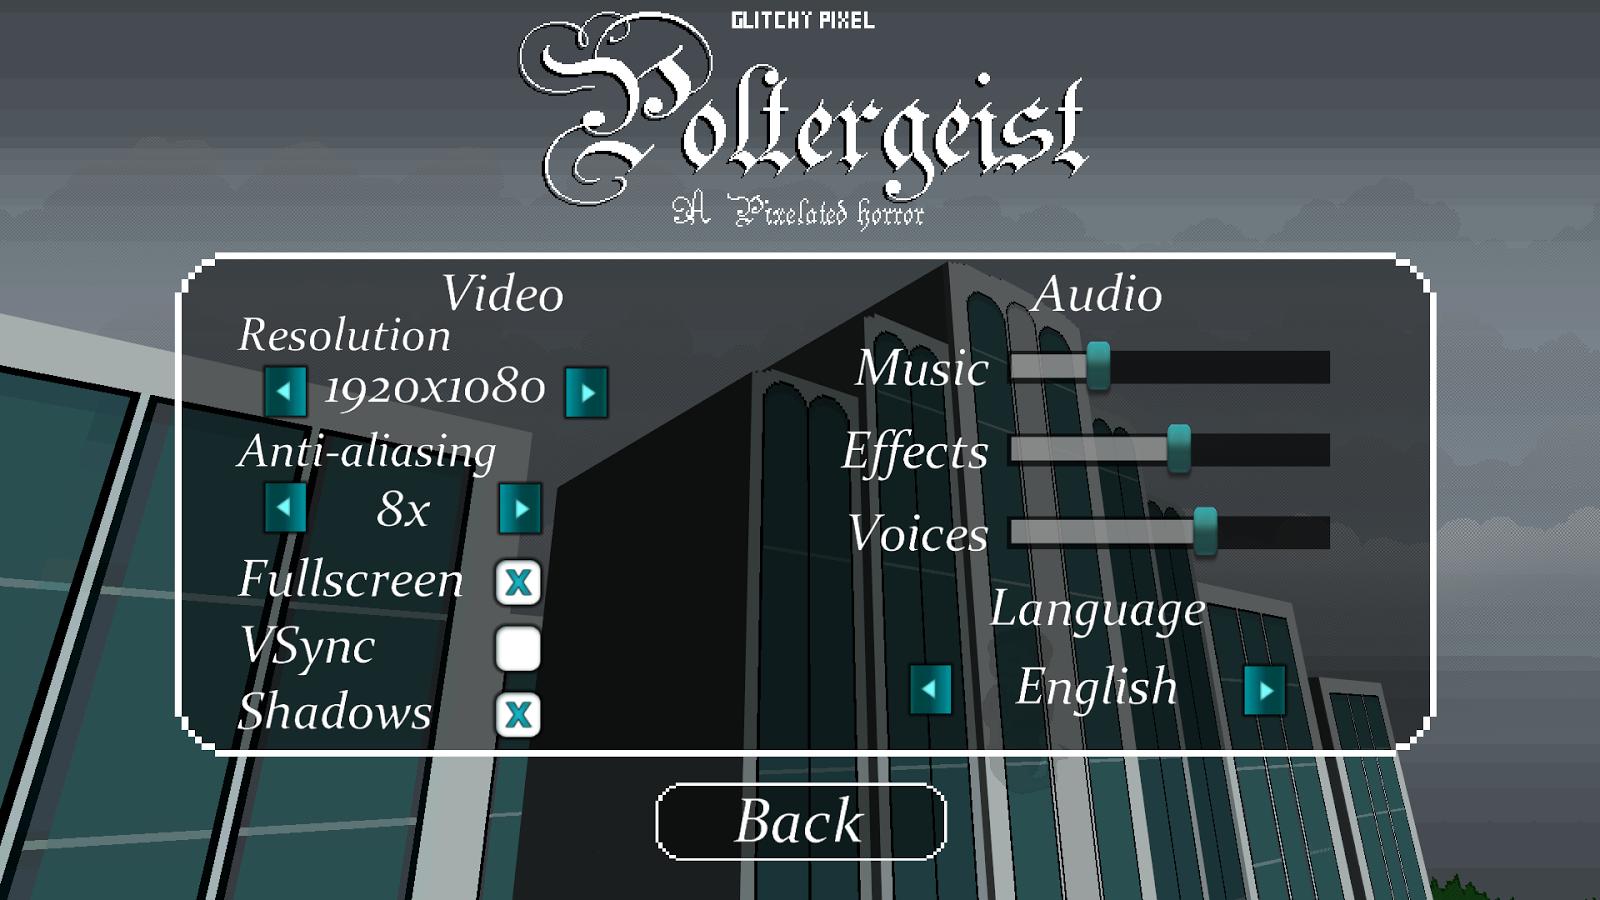 poltergeist 2015 stream